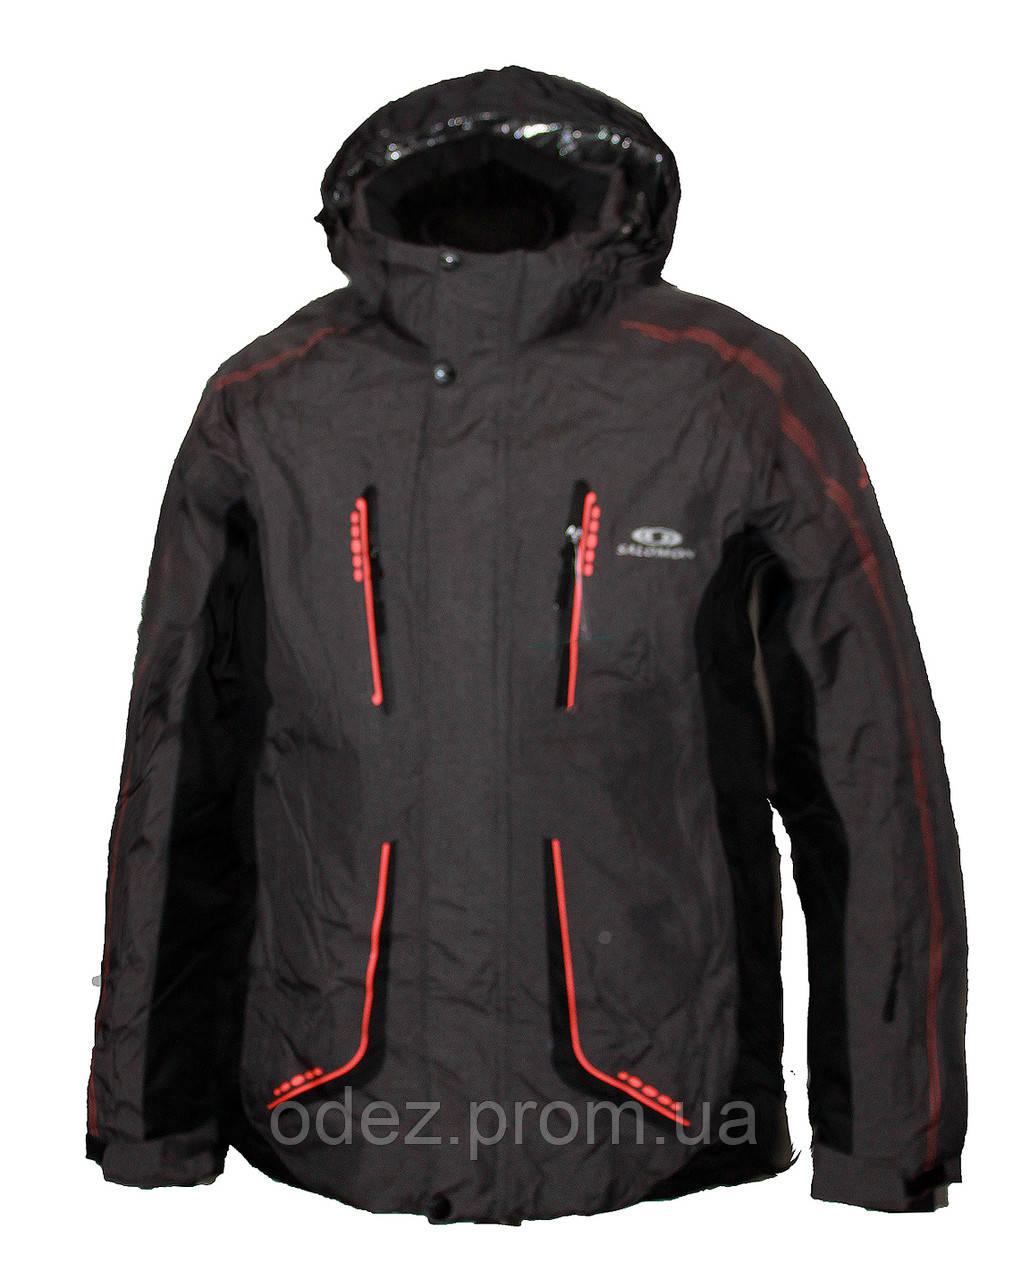 58220e6a6b7c Мужская горнолыжная (лыжная) куртка Salomon c Omni-Heat - Интернет-магазин  одежды